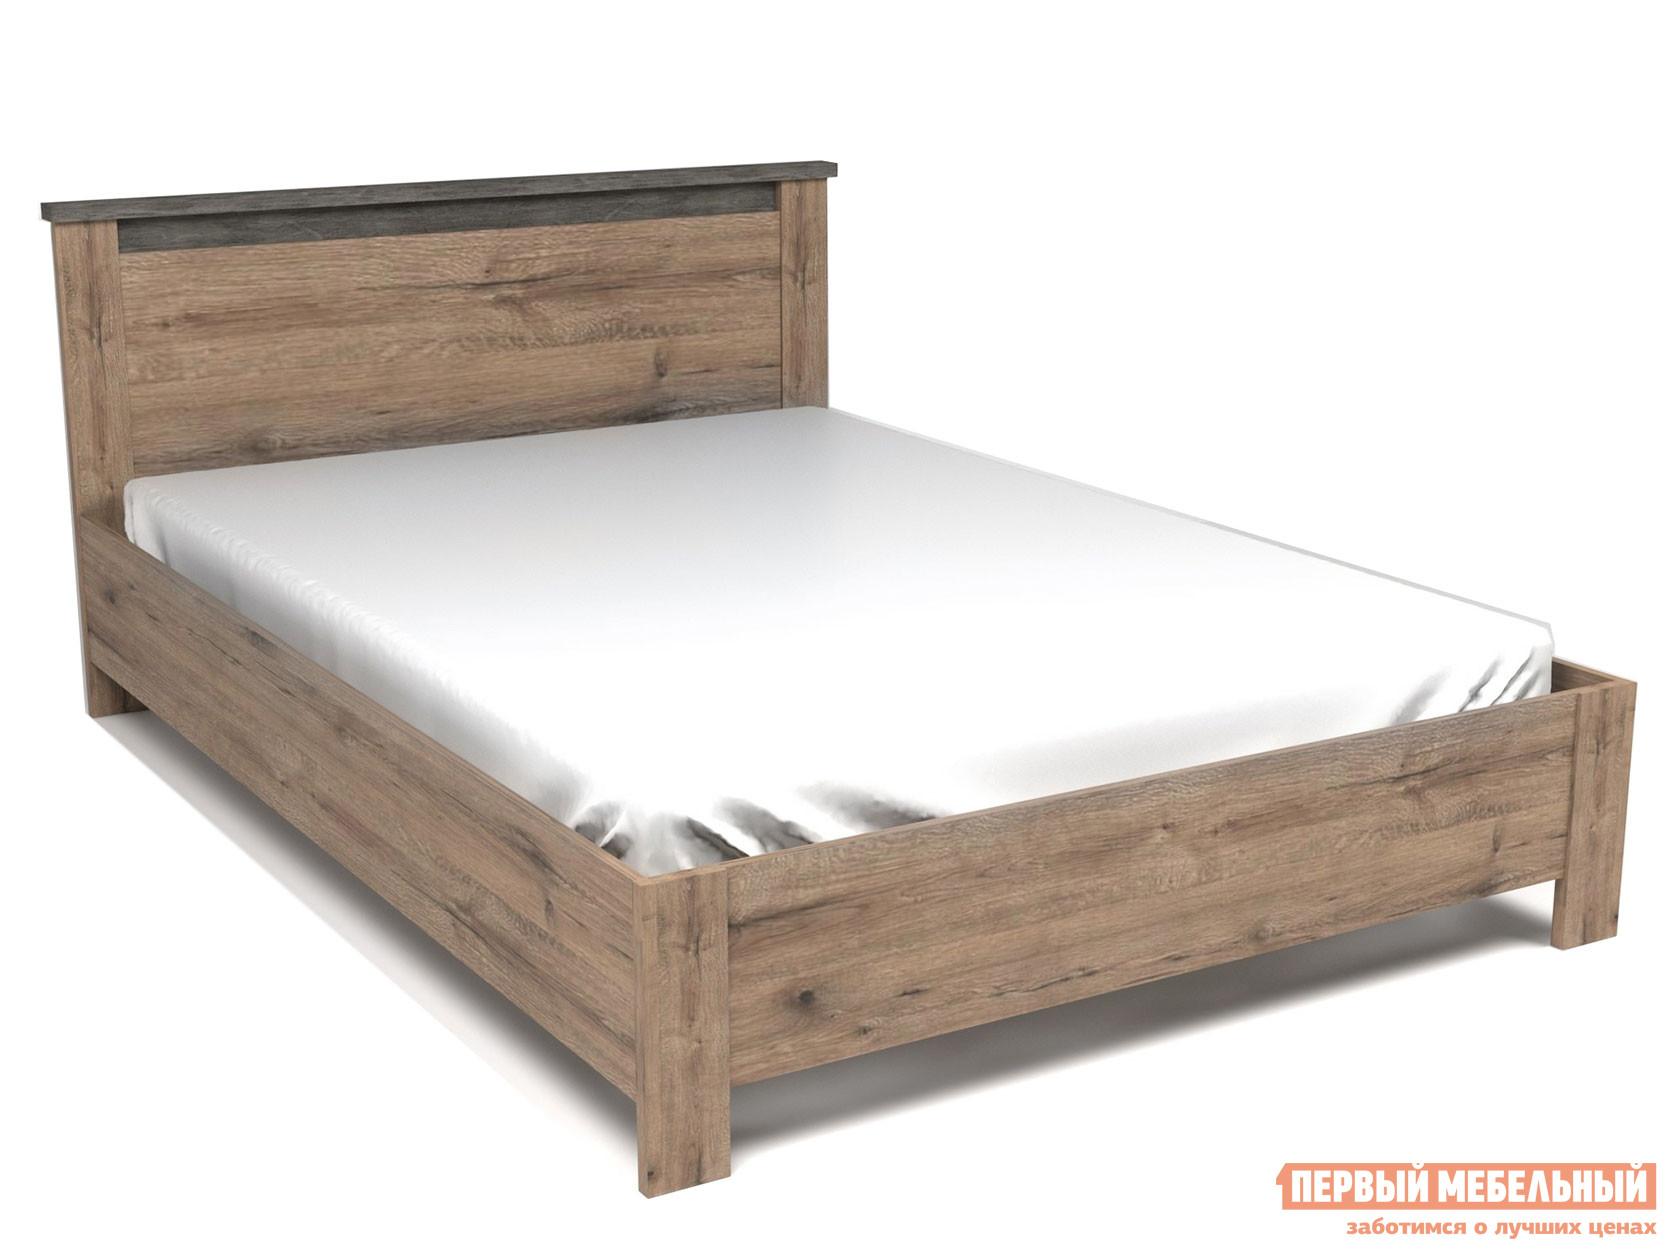 Двуспальная кровать  Кровать Денвер Дуб веллингтон / Камень темный, 1400 Х 2000 мм, С основанием, Без подъемного механизма